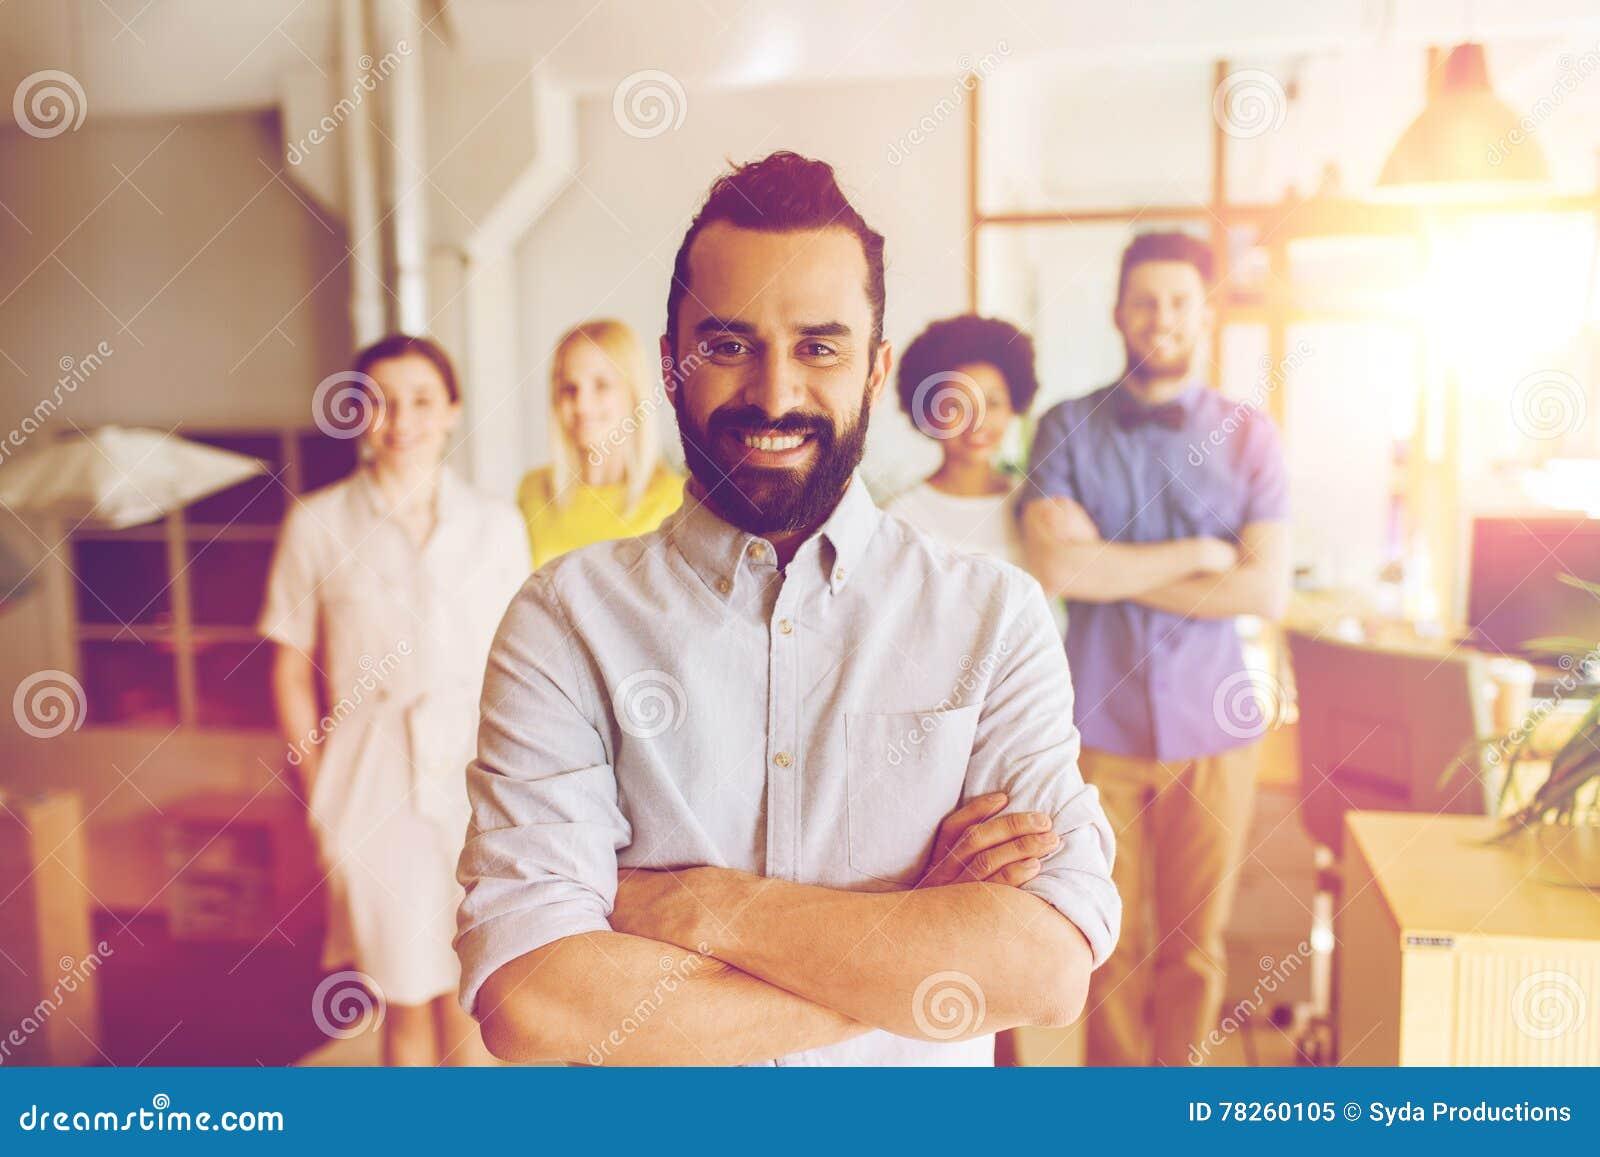 Ευτυχής νεαρός άνδρας πέρα από τη δημιουργική ομάδα στην αρχή